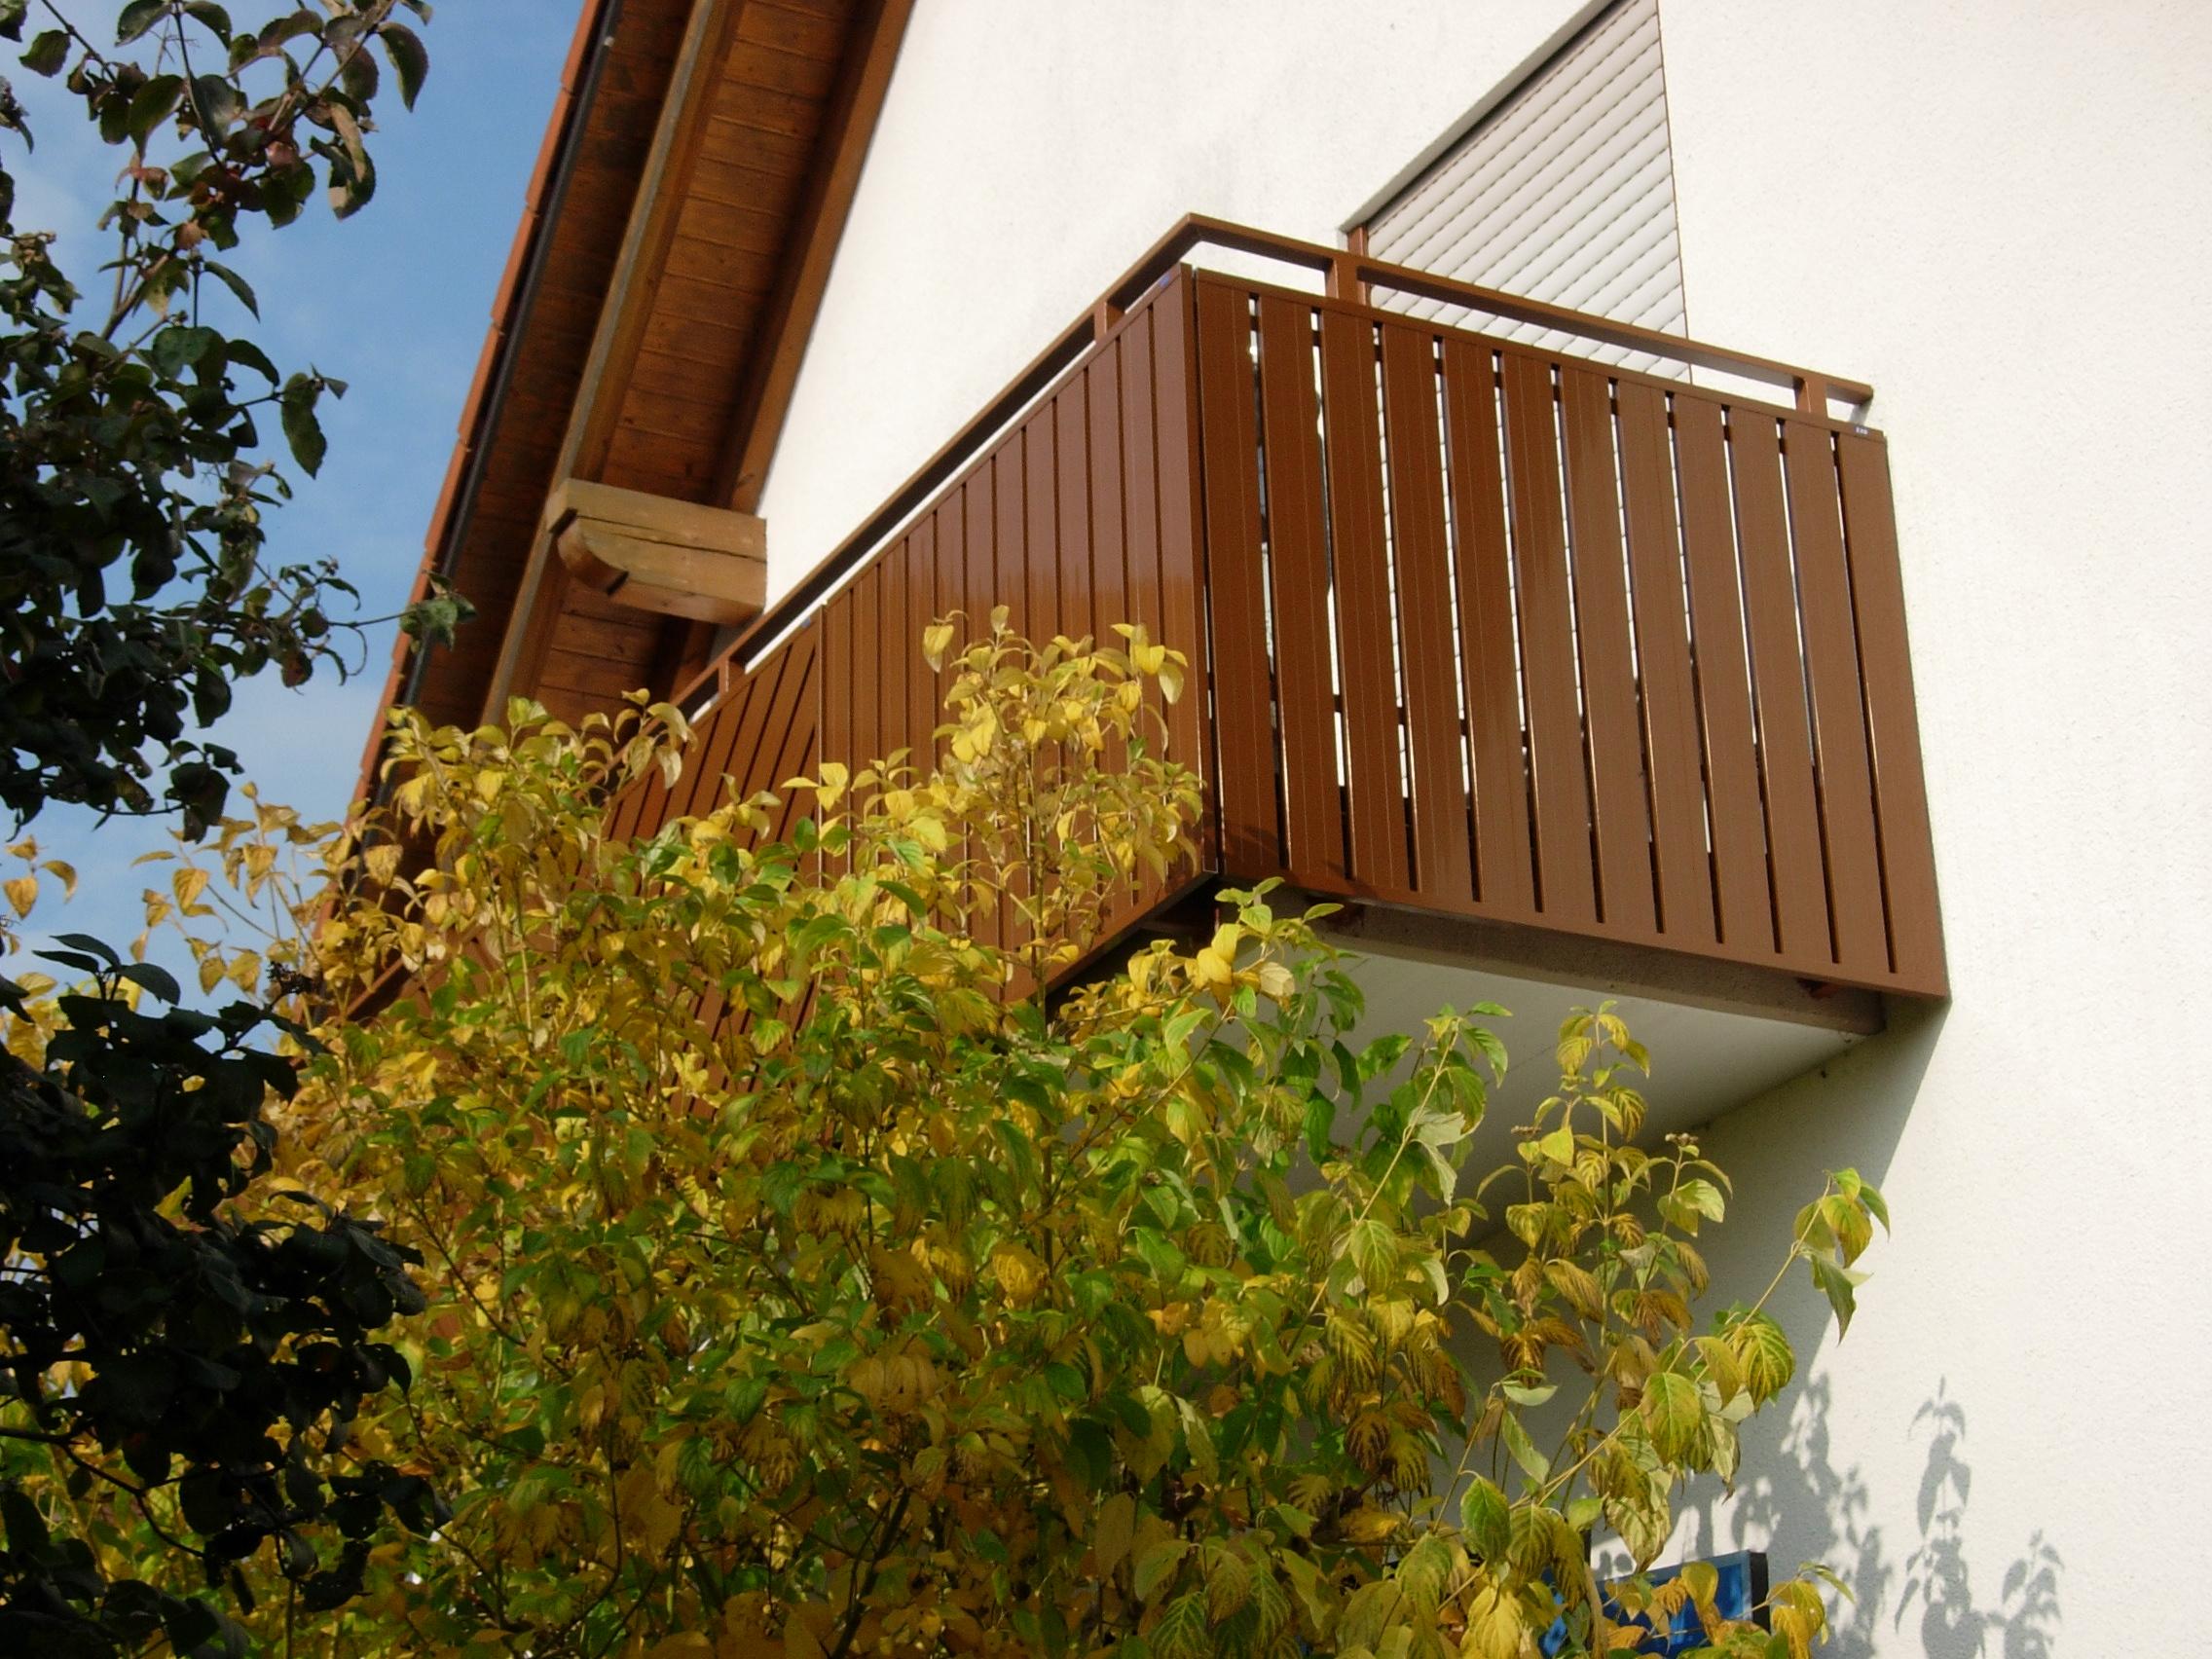 In Rehbraun gehaltene Aluminium-Bretter, passend zu den vorhandenen Holzbrettern.